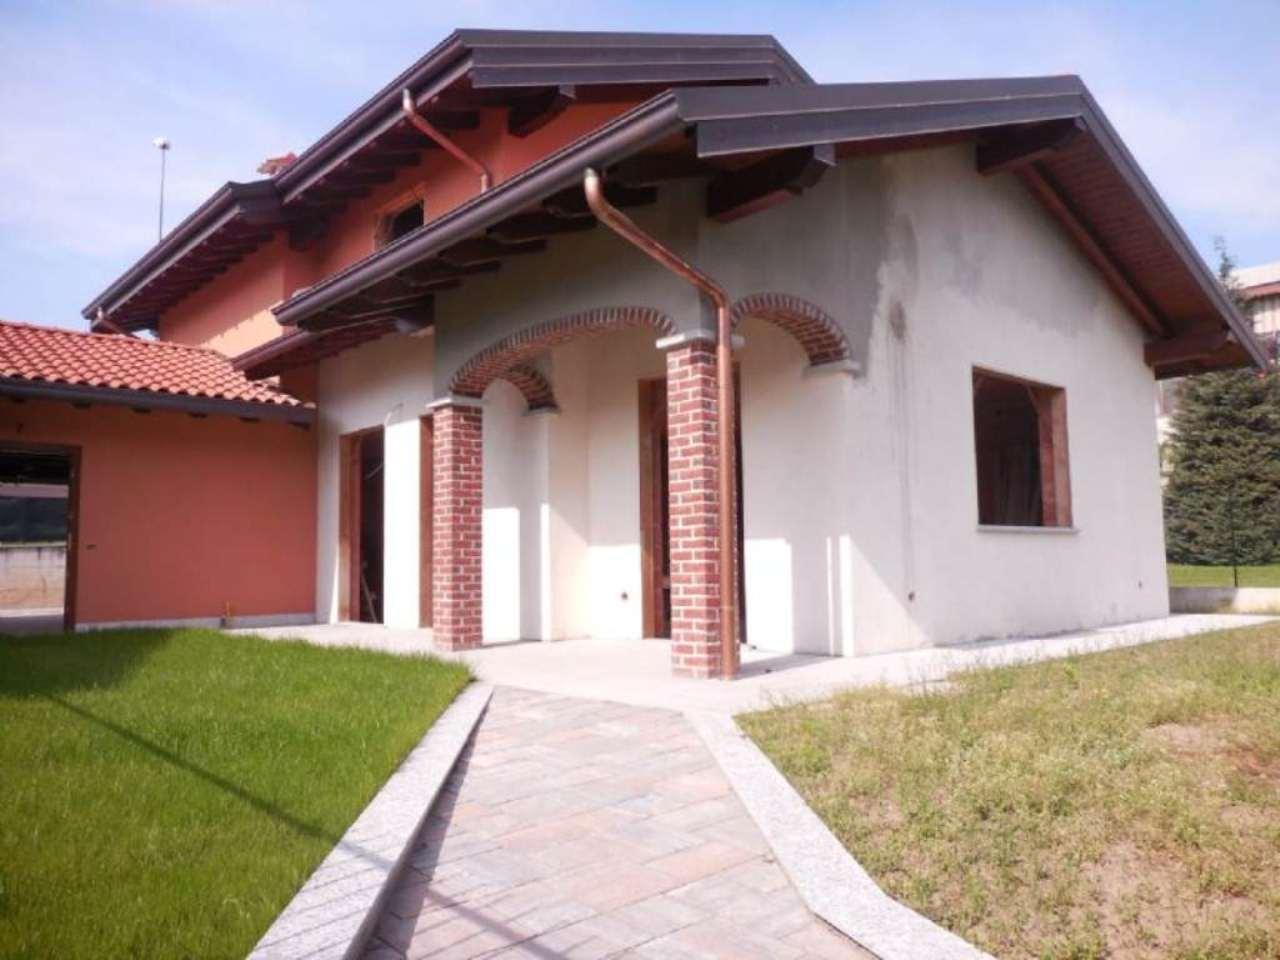 Villa in vendita a Somma Lombardo, 4 locali, prezzo € 238.000 | Cambio Casa.it